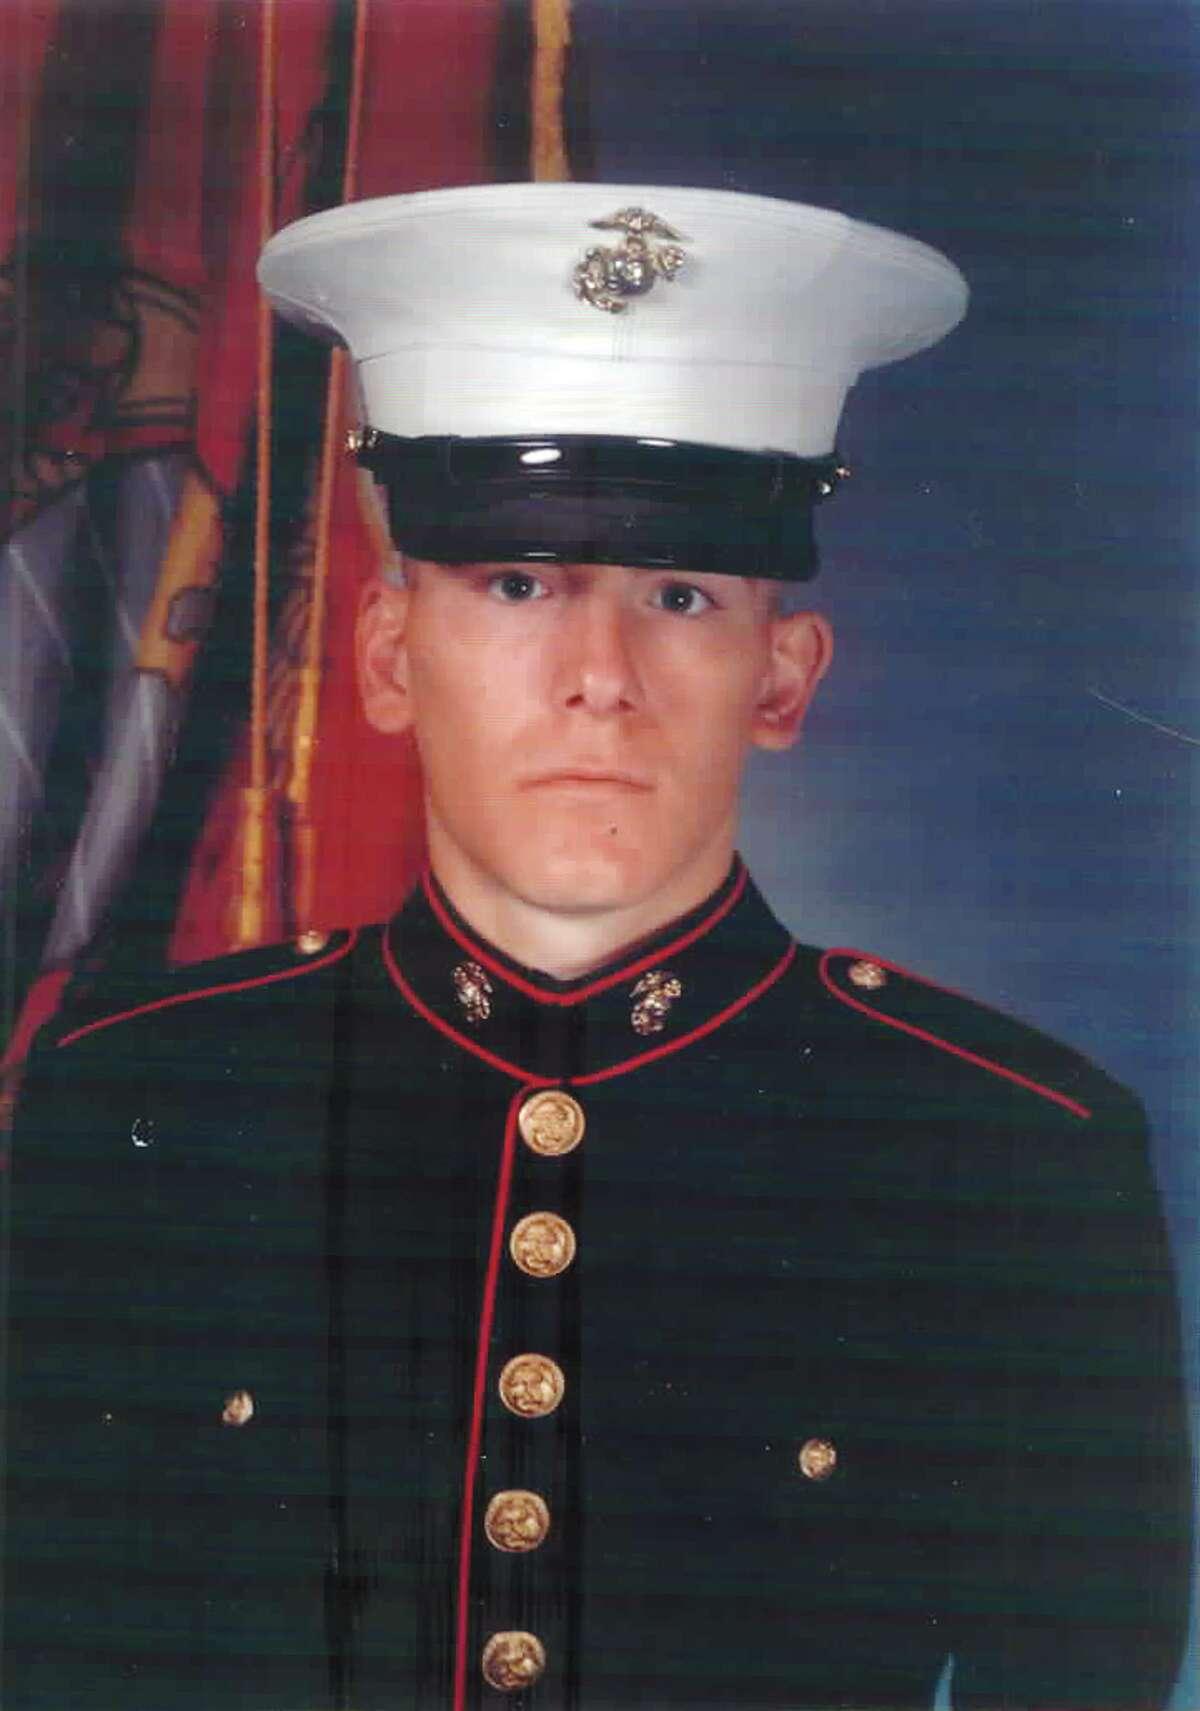 Jonathan Elenich, LCPL, U.S. Army